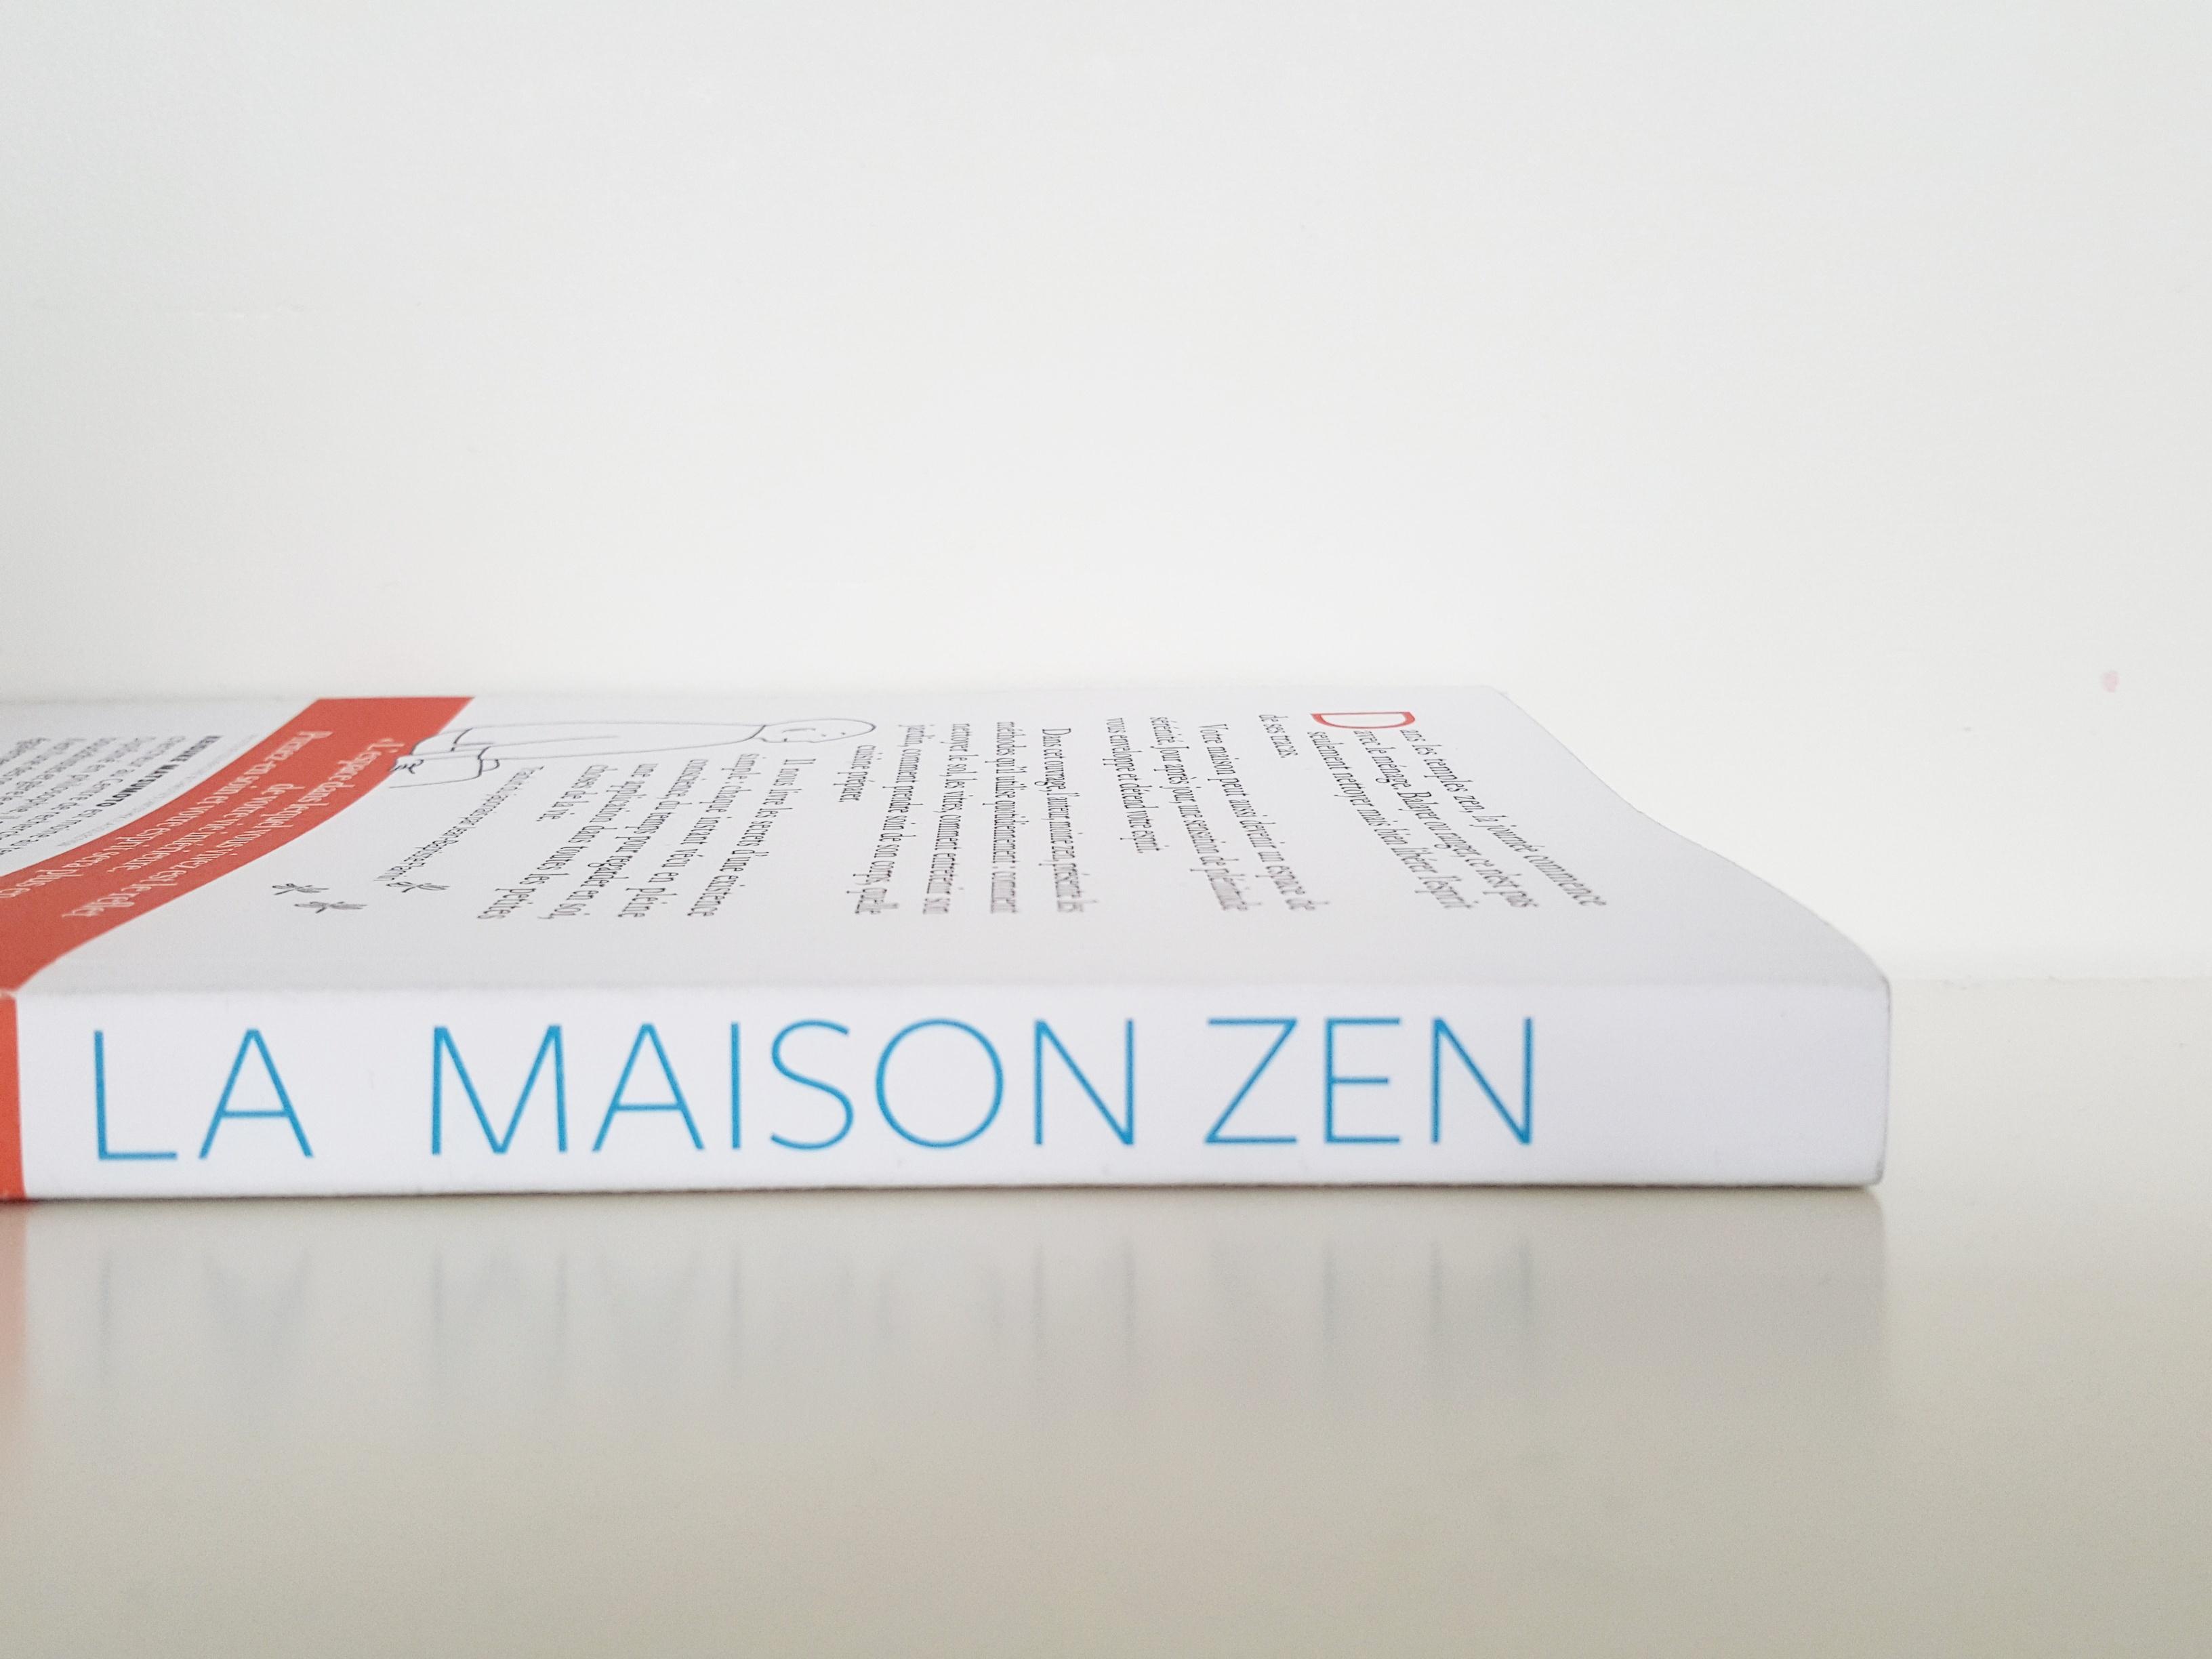 minimalisme zen lecture japon